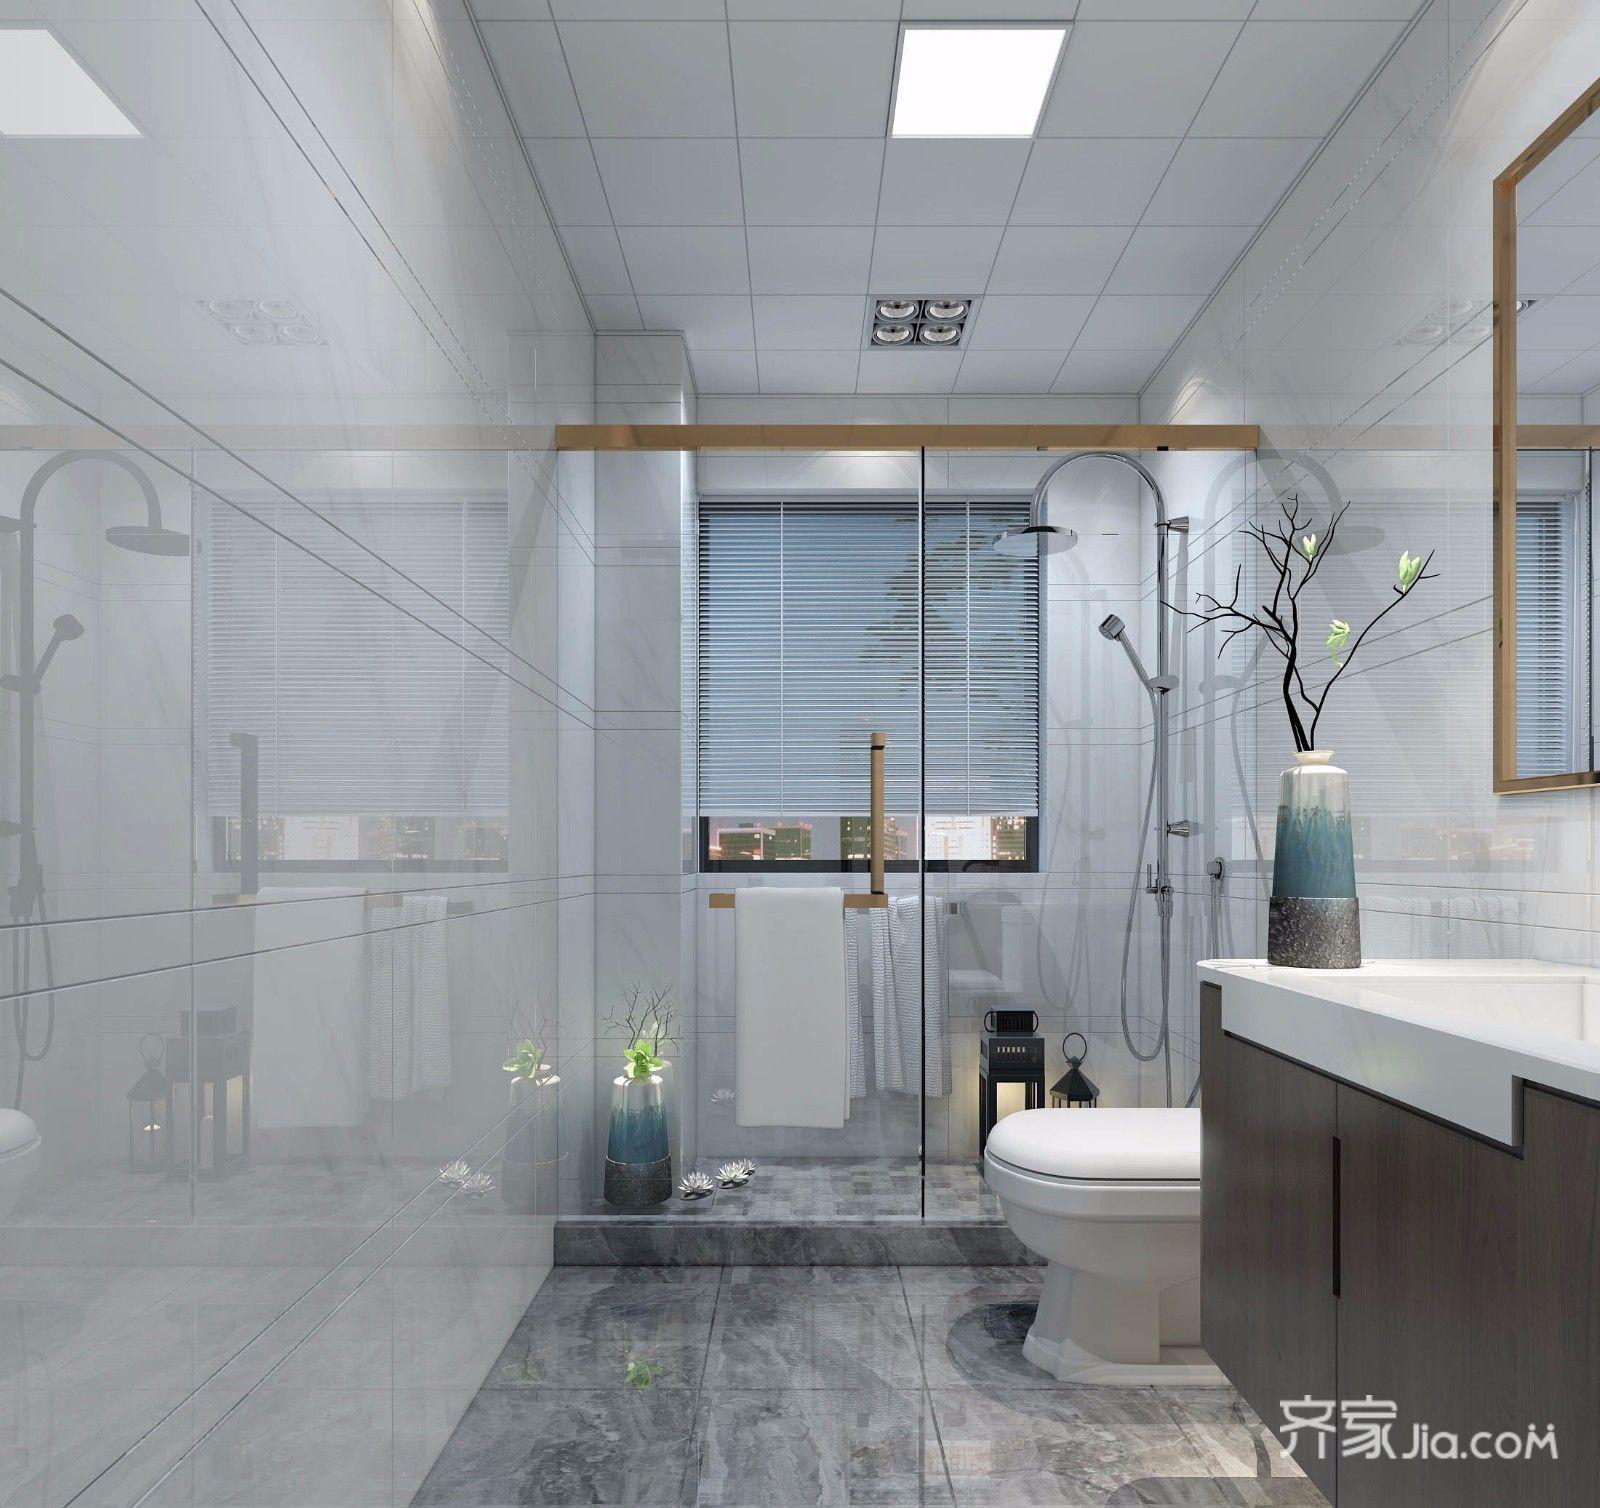 70平米简约二居室卫生间装修效果图